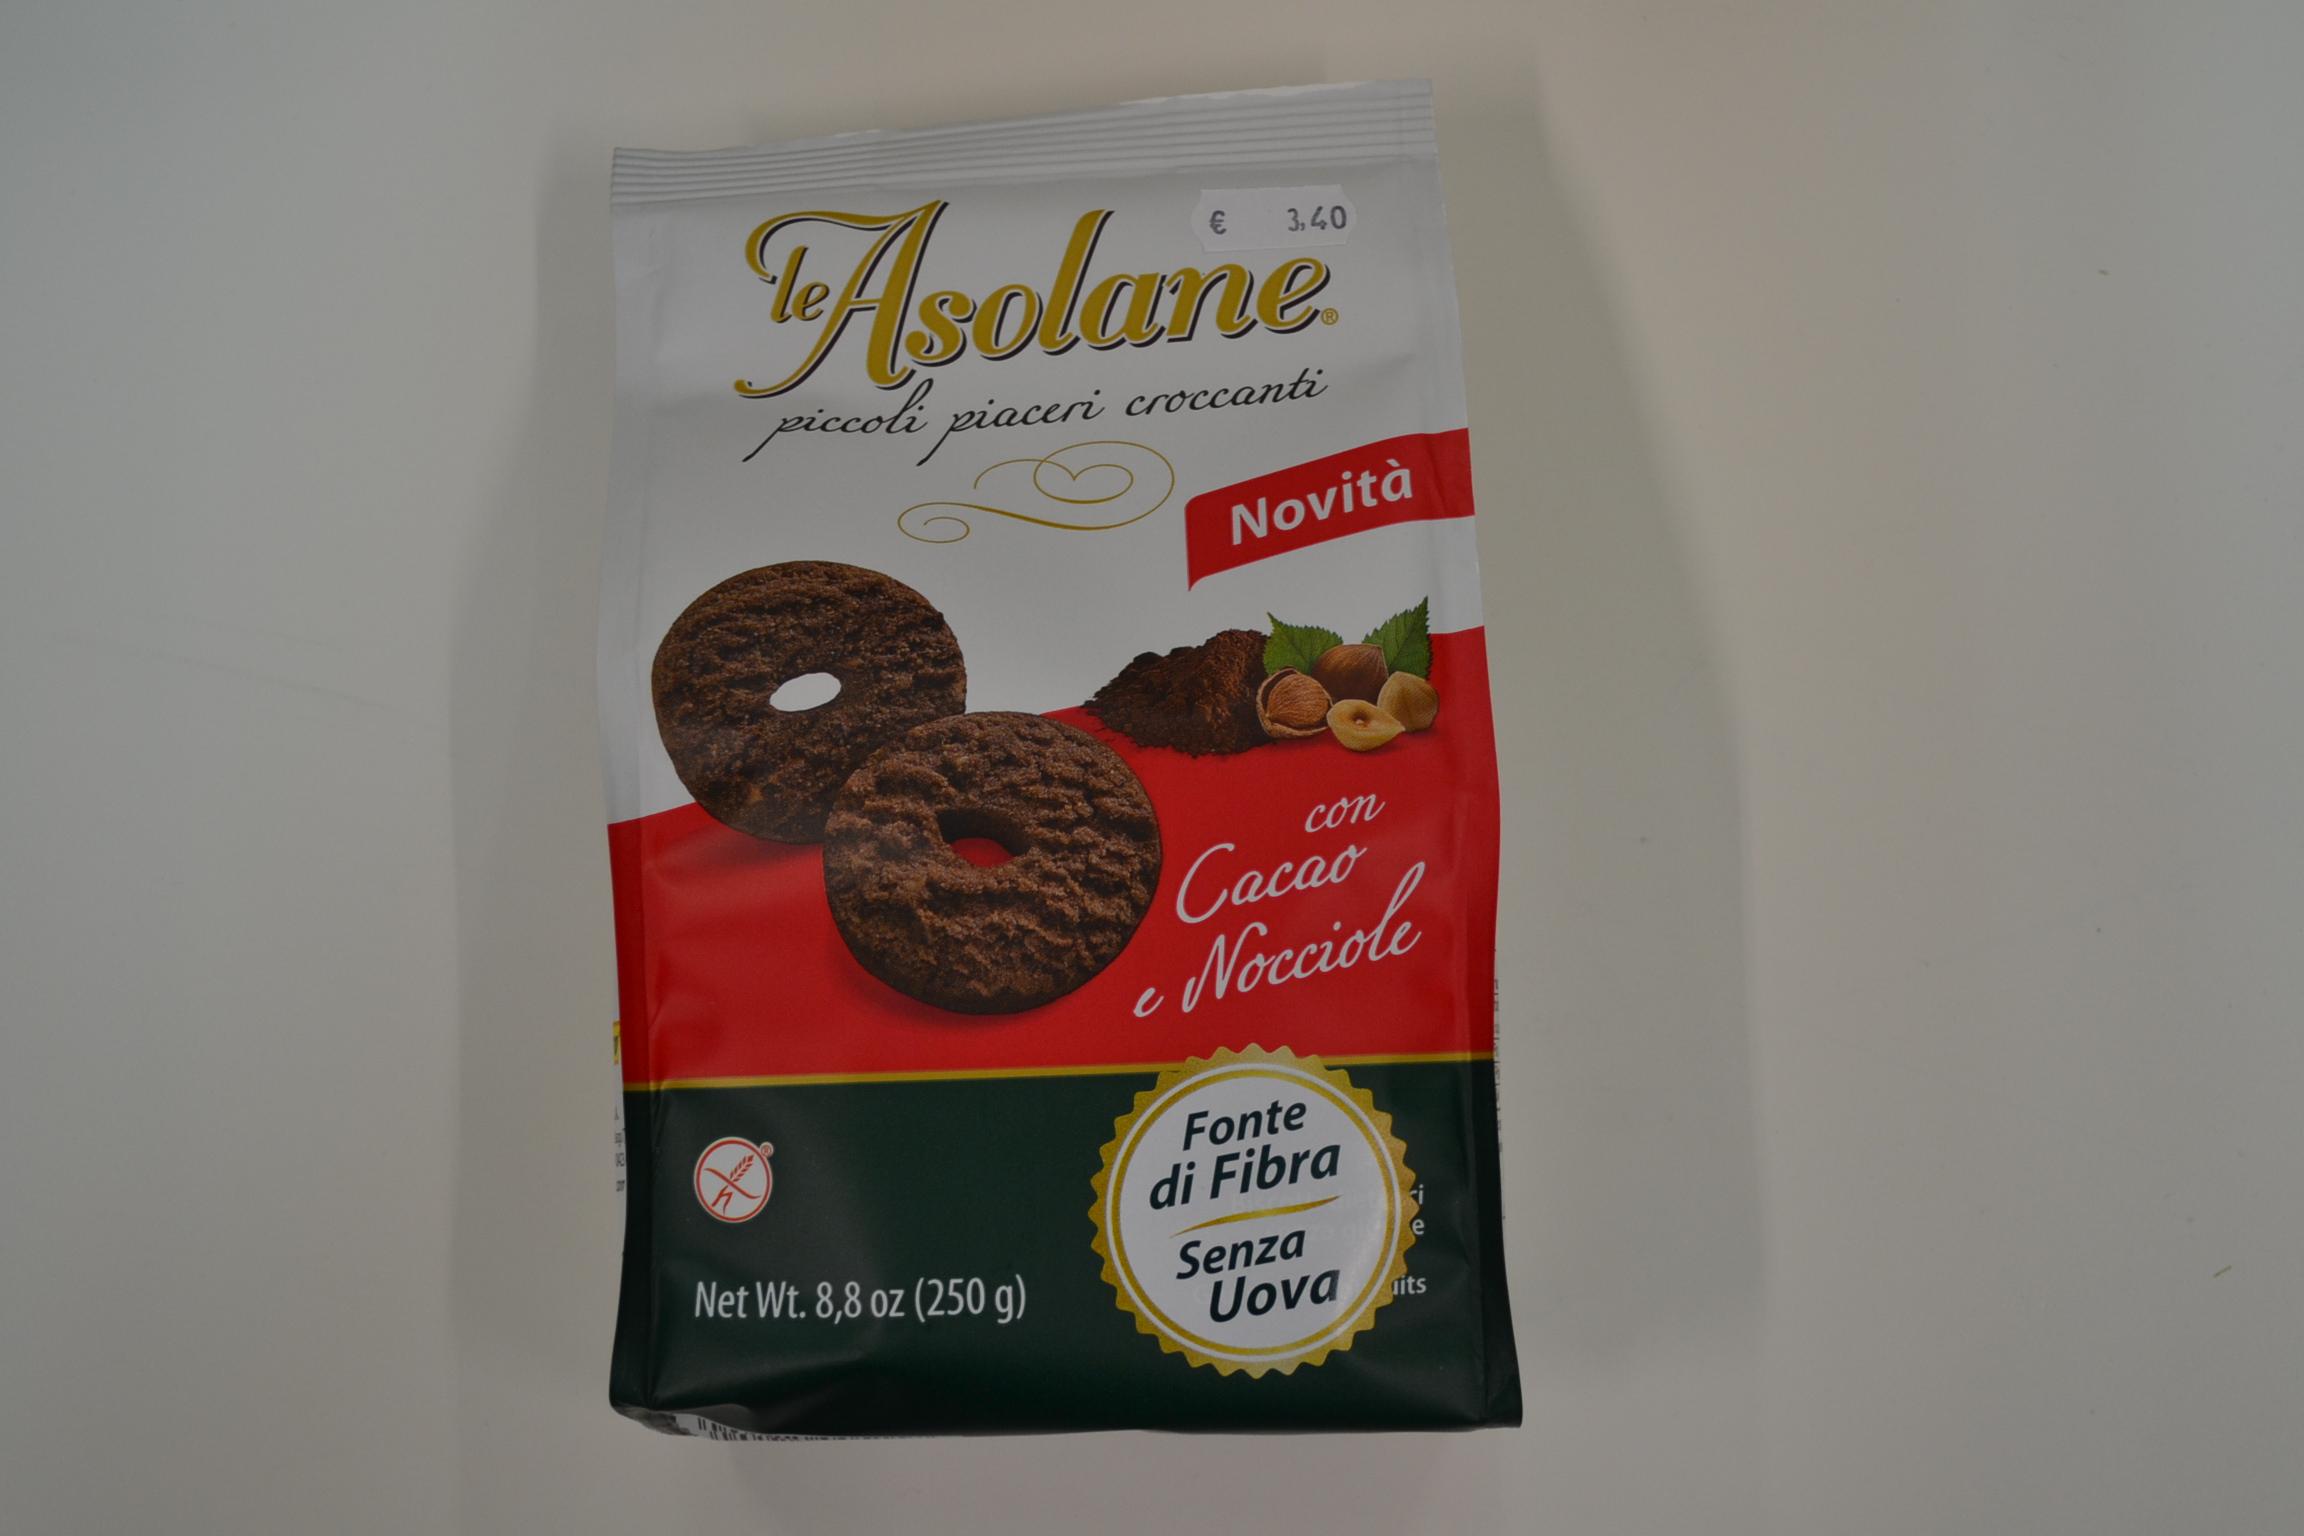 Piccoli piaceri croccanti con cacao e nocciole LE ASOLANE € 3,40